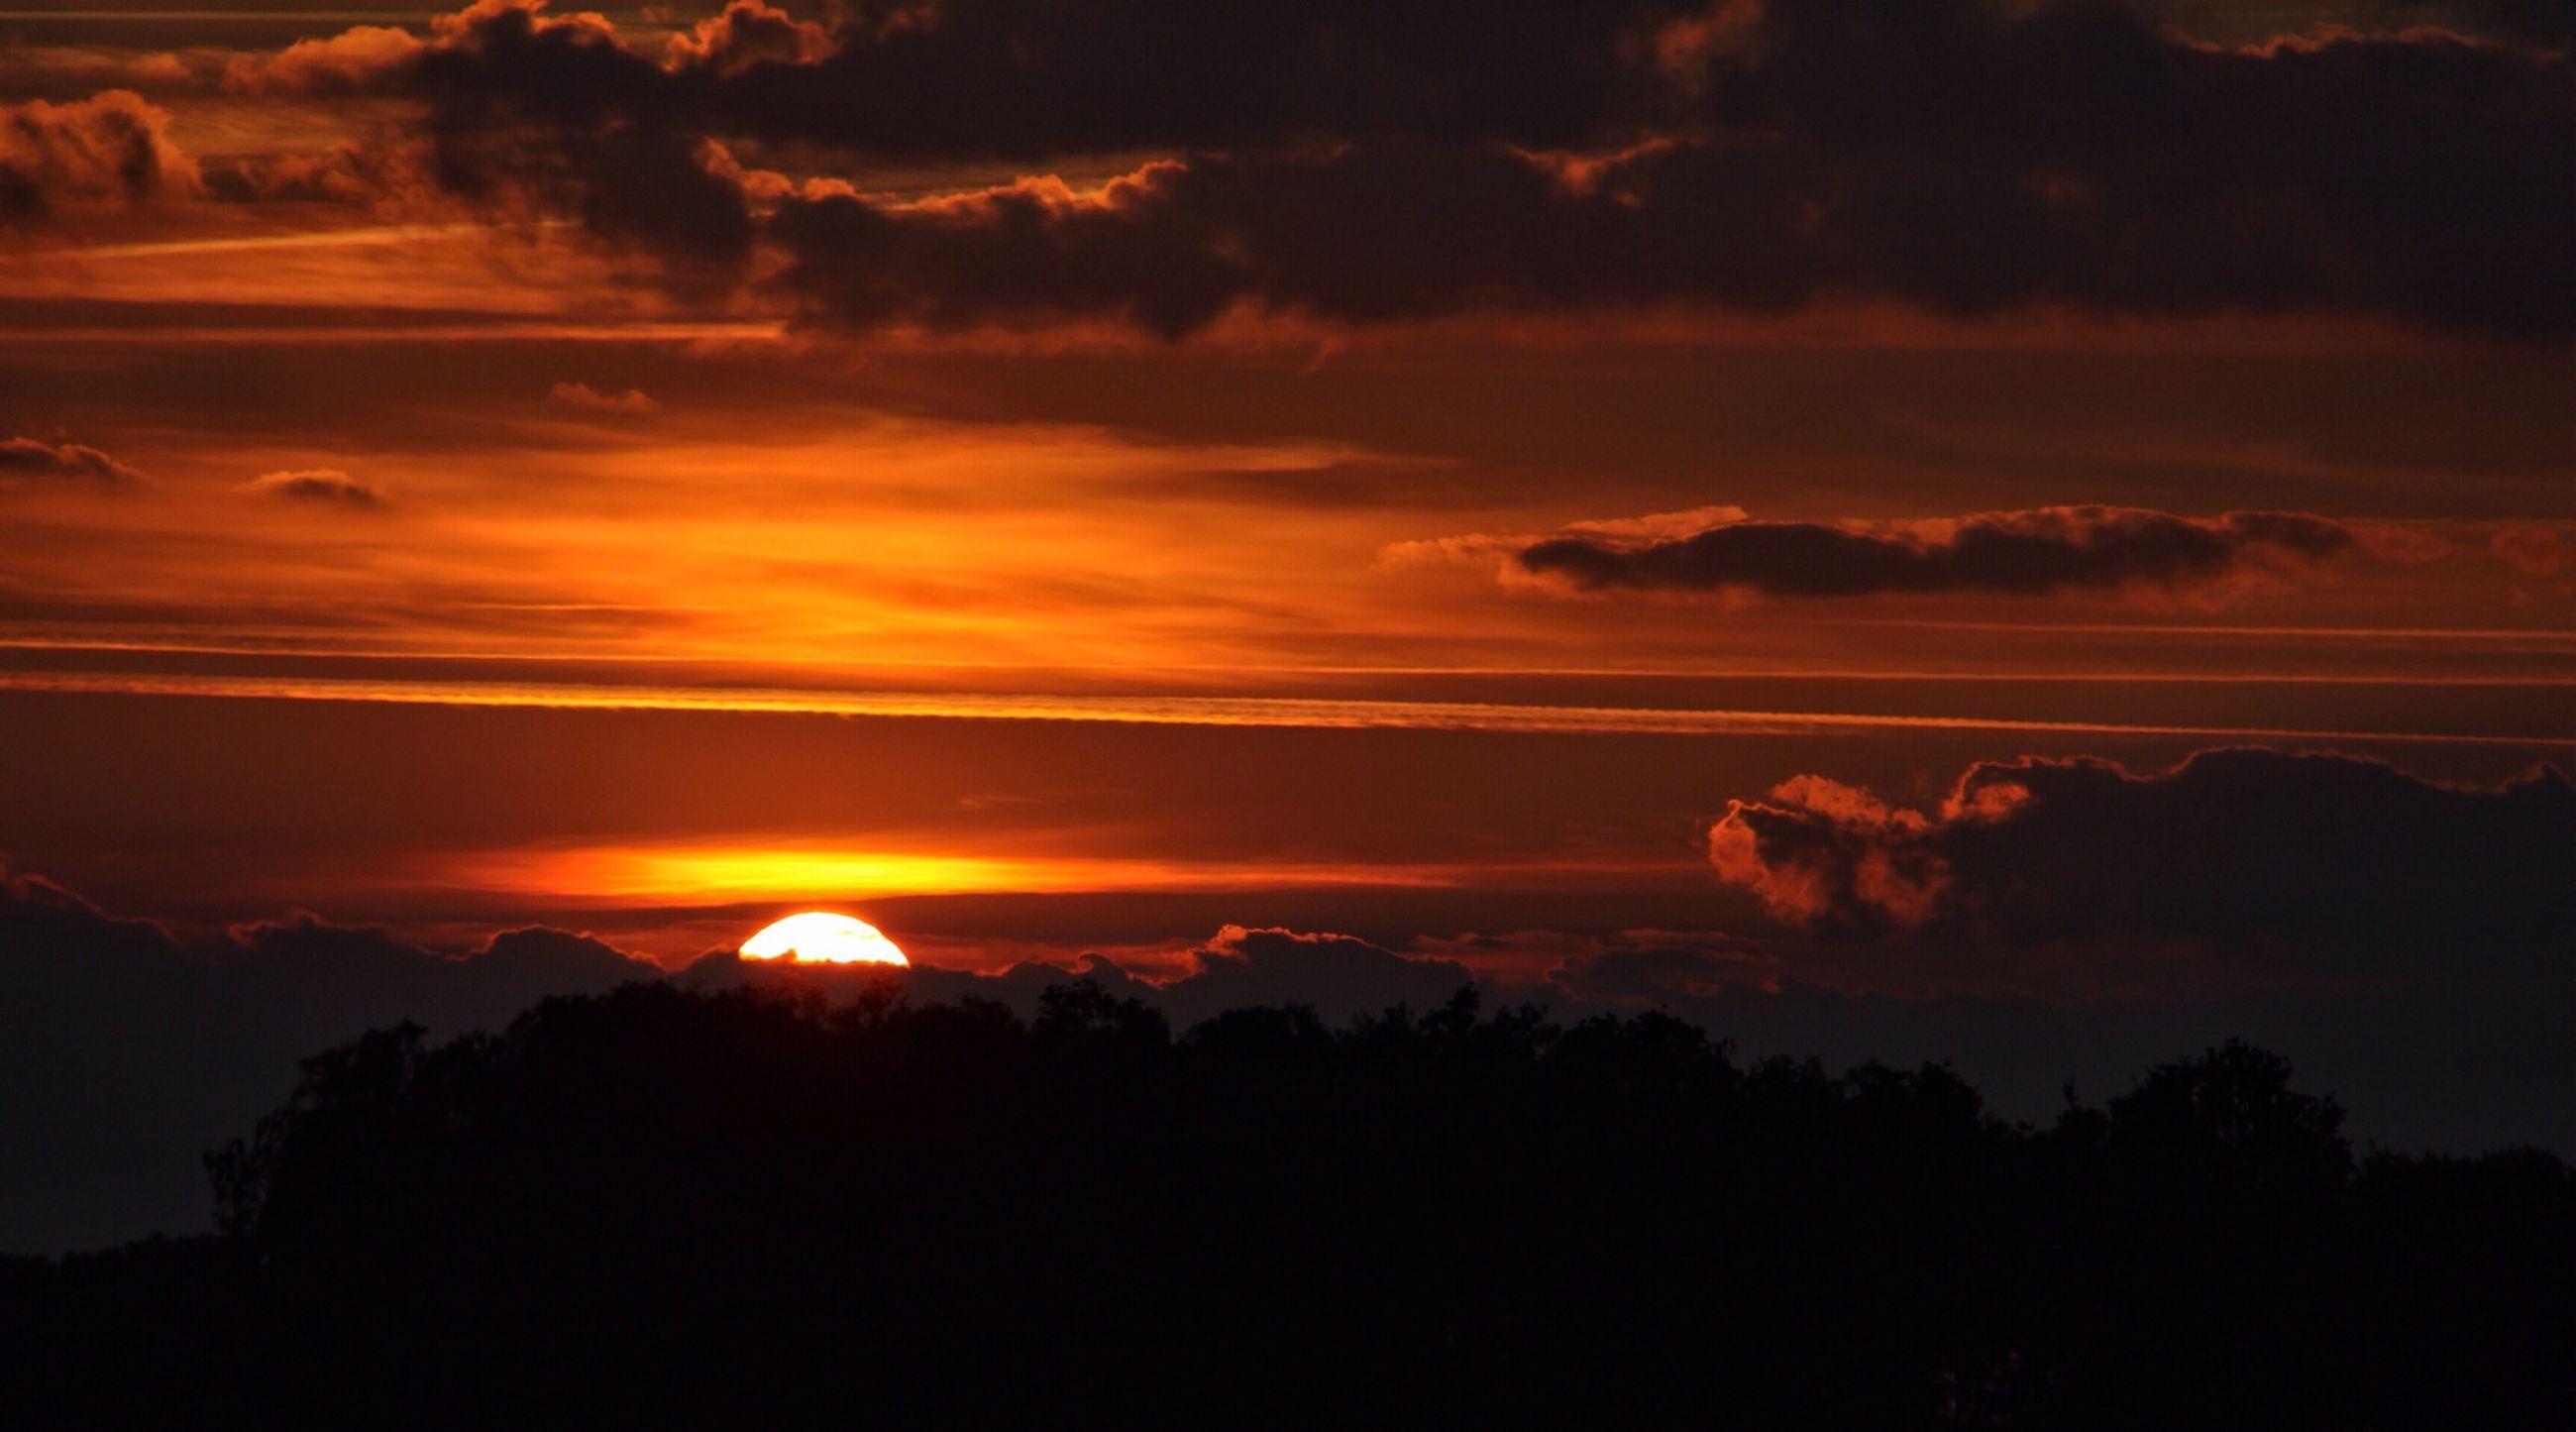 sunset, scenics, silhouette, tranquil scene, beauty in nature, tranquility, sun, sky, orange color, idyllic, nature, cloud - sky, majestic, sunlight, tree, landscape, cloud, dramatic sky, sunbeam, outdoors